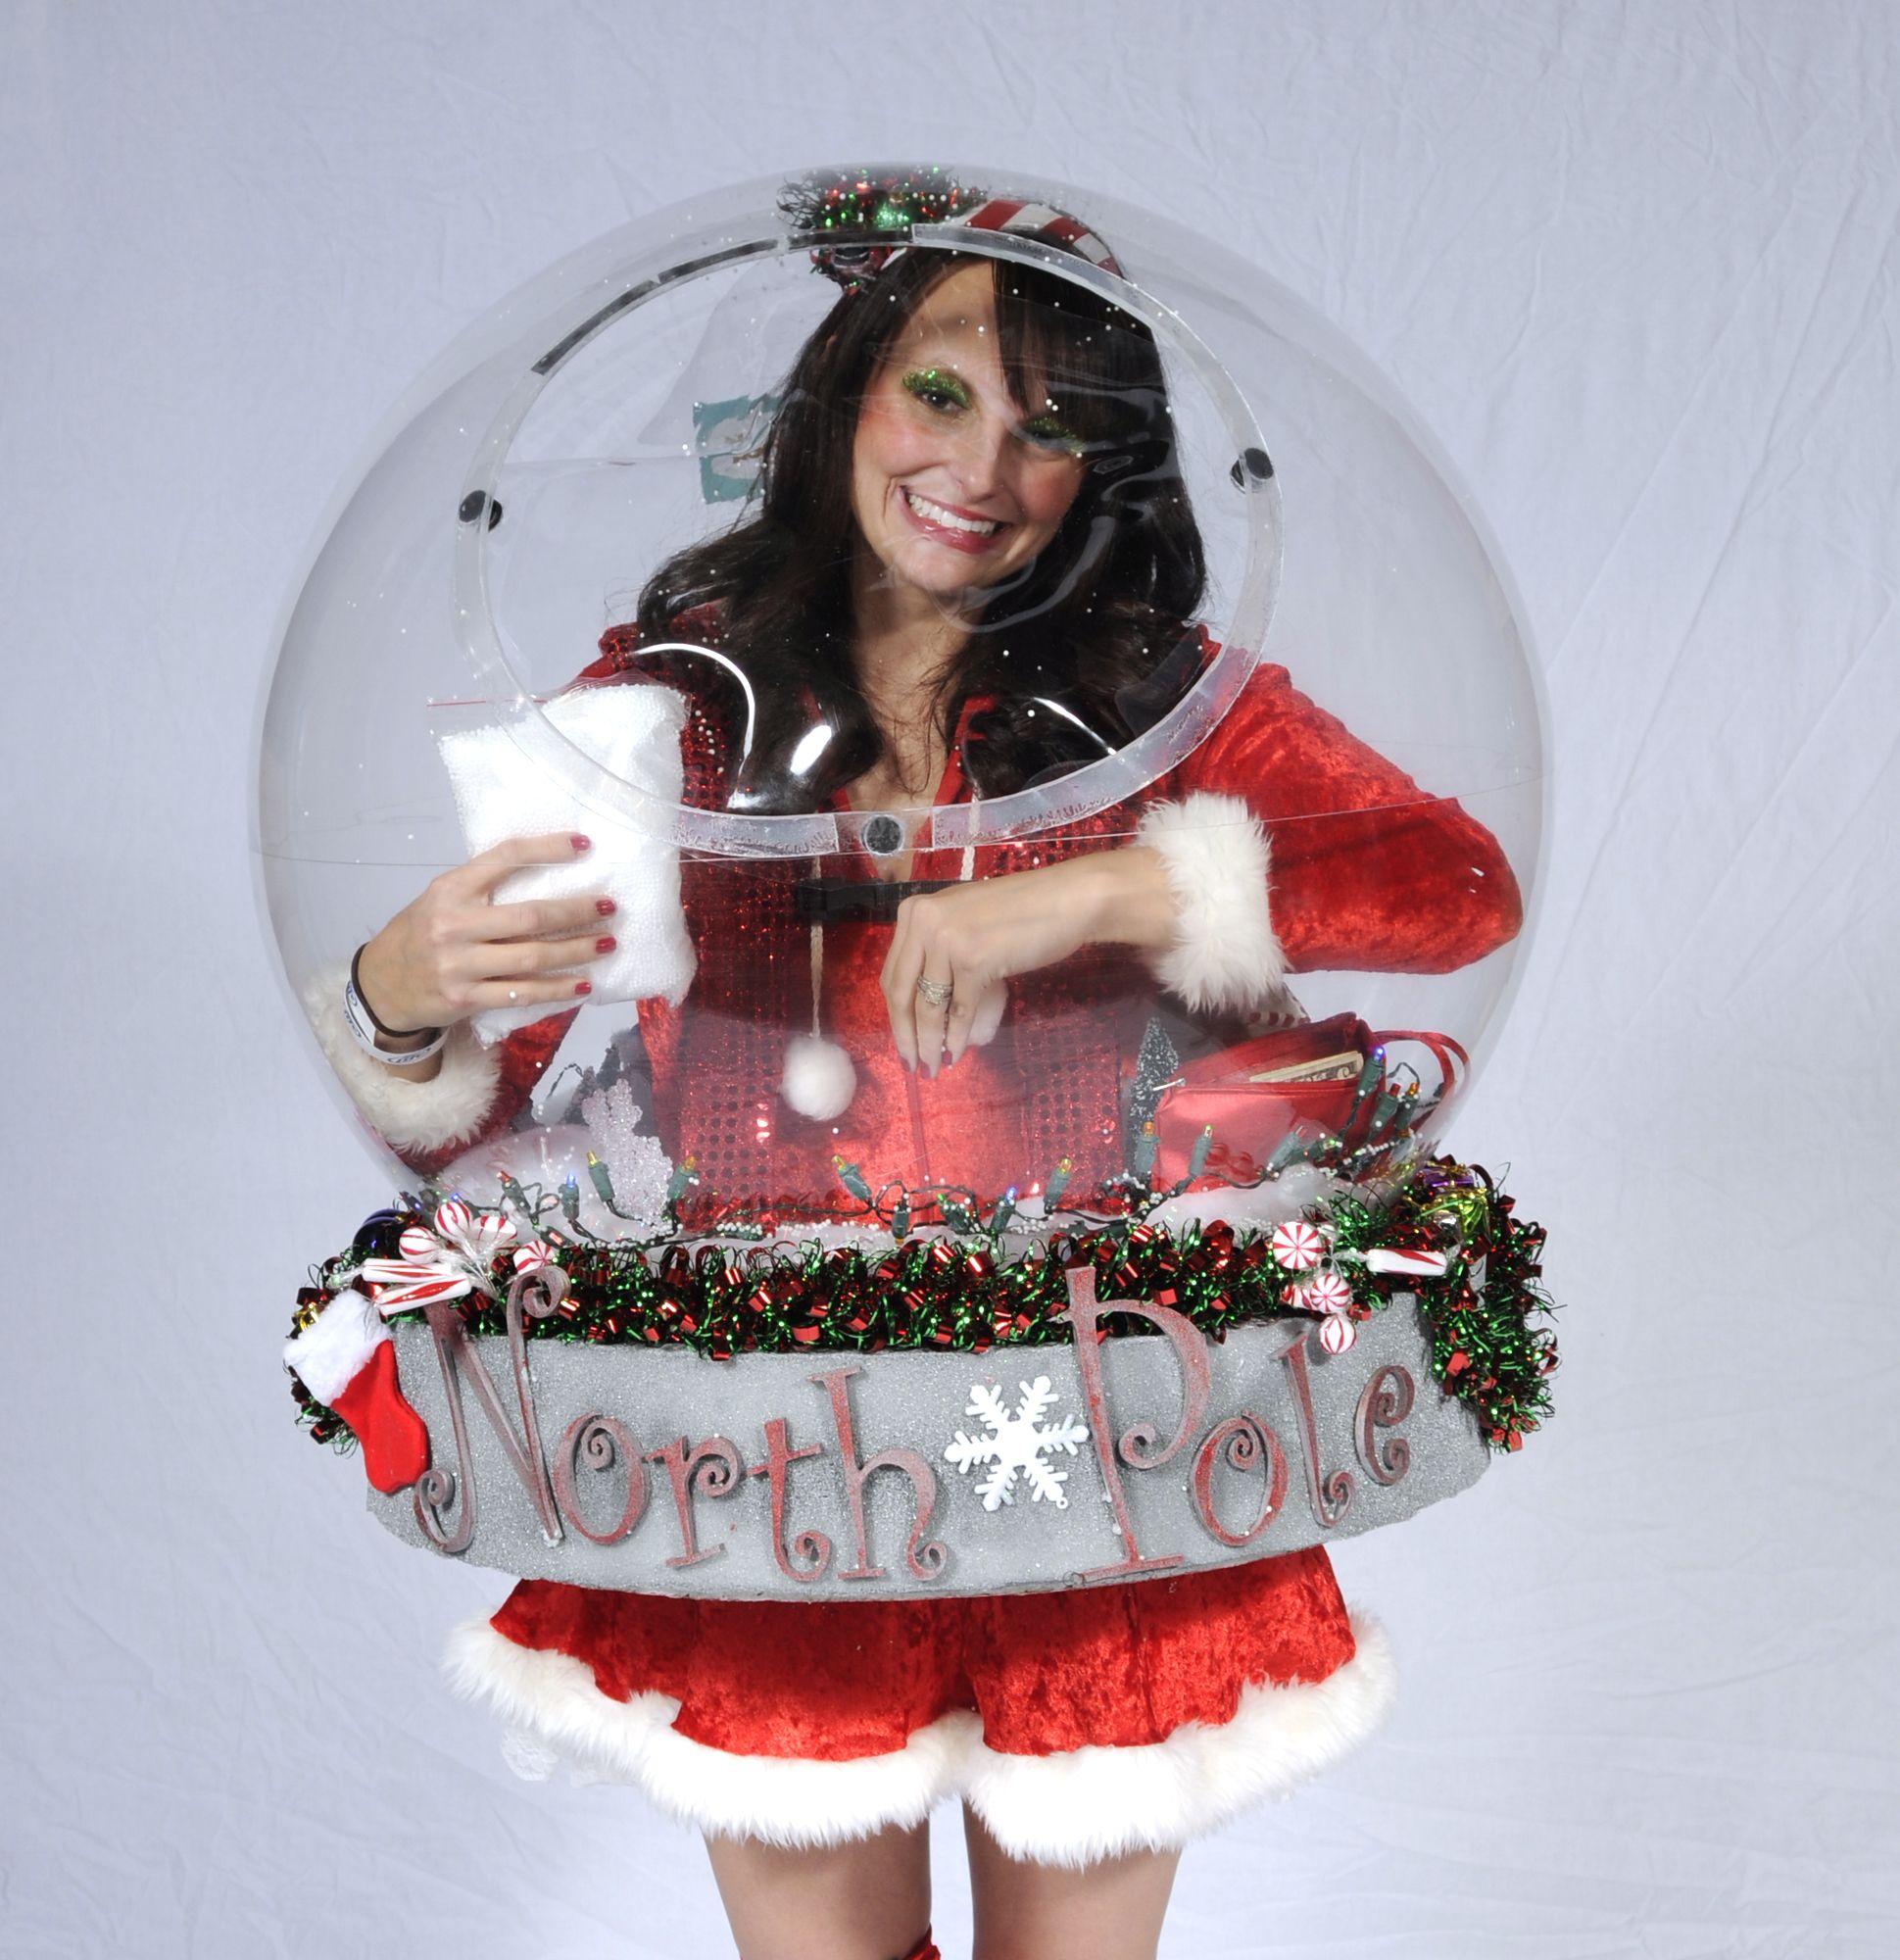 Shanen Norlin, 24, as a Snow Globe. Cool halloween